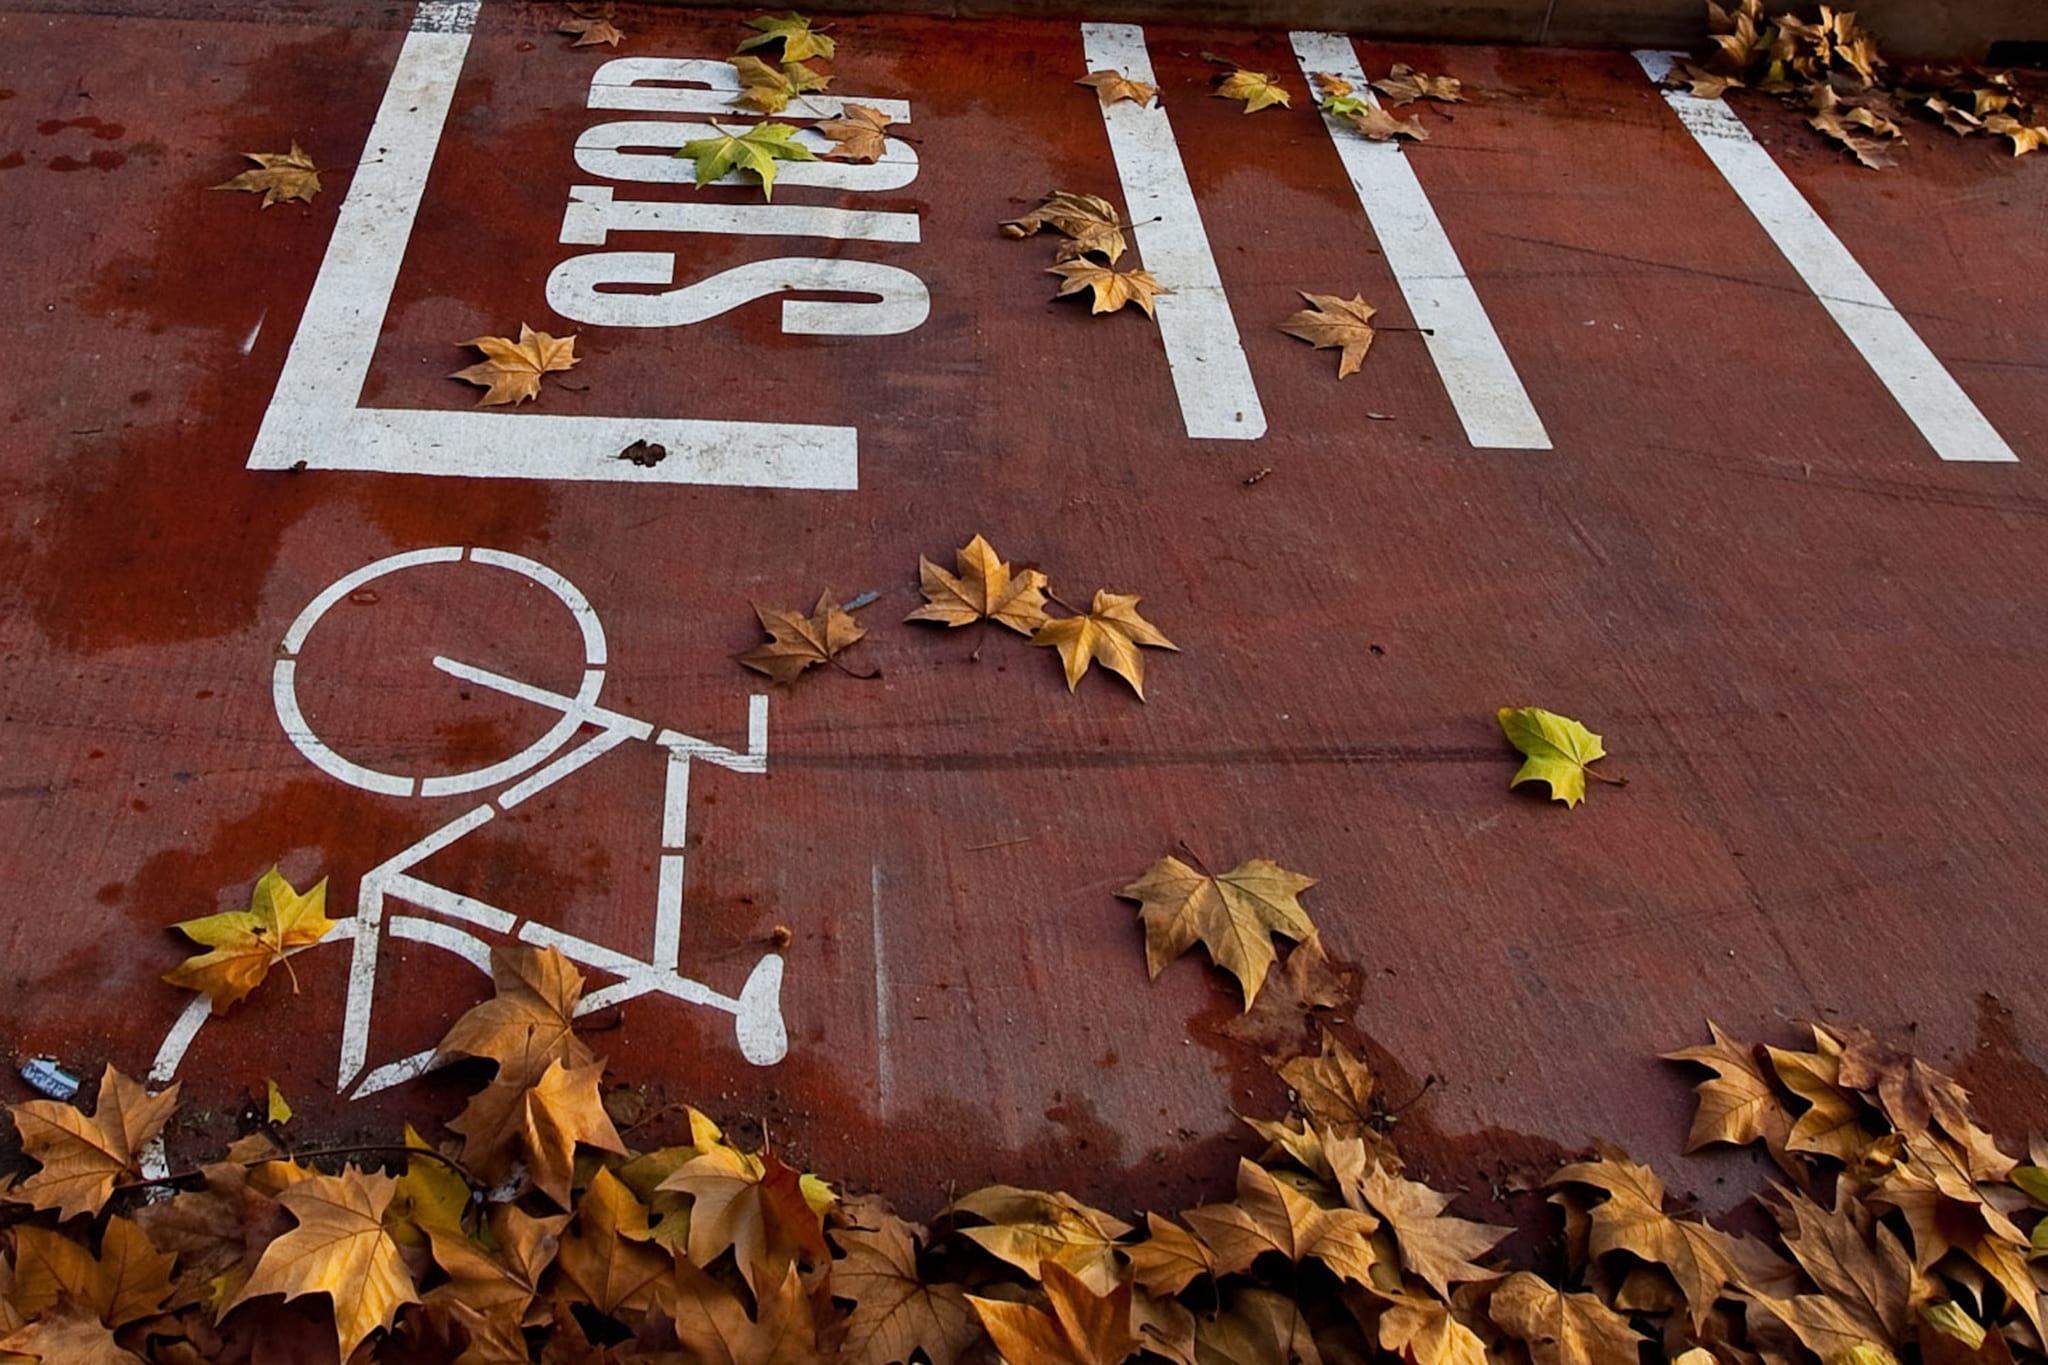 PÚBLICO - Depois do burro e do Ferrari, as bicicletas. PSD-Lisboa volta a gerar polémica